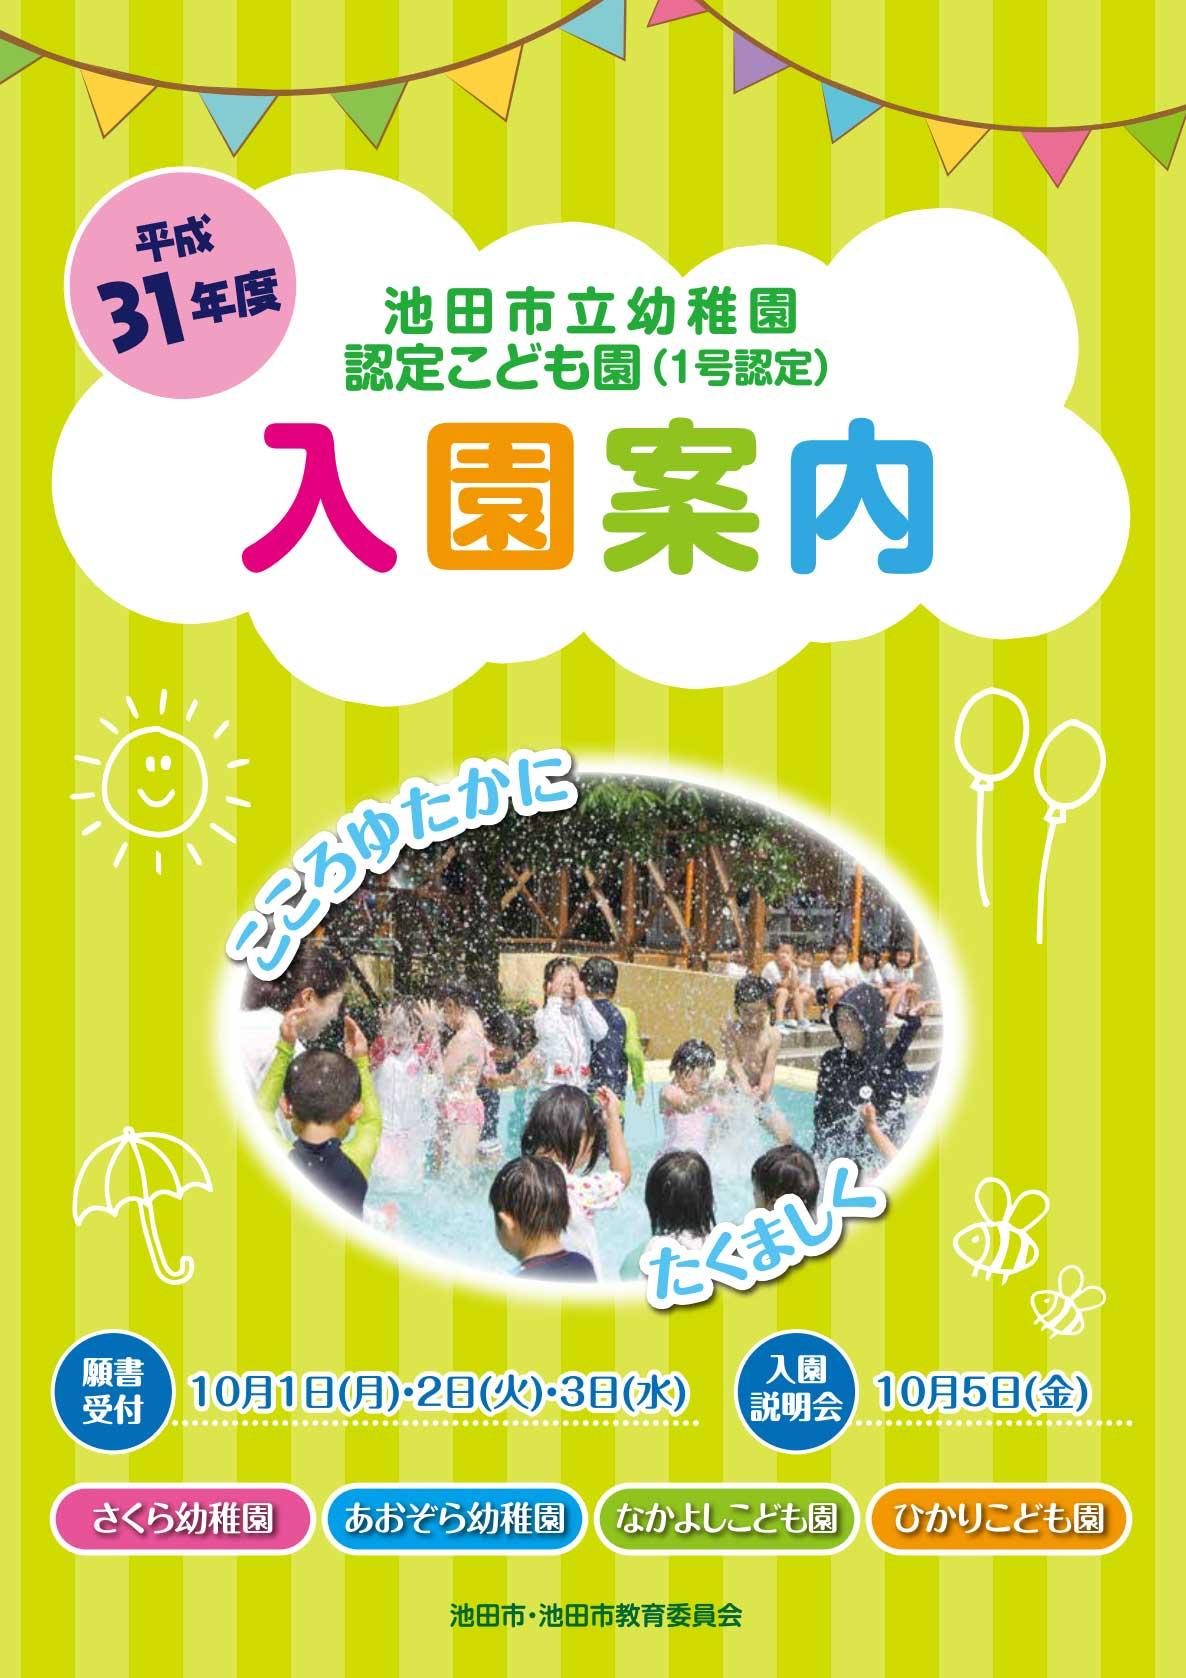 平成31年度 市立幼稚園(さくら幼稚園・あおぞら幼稚園)の園児募集